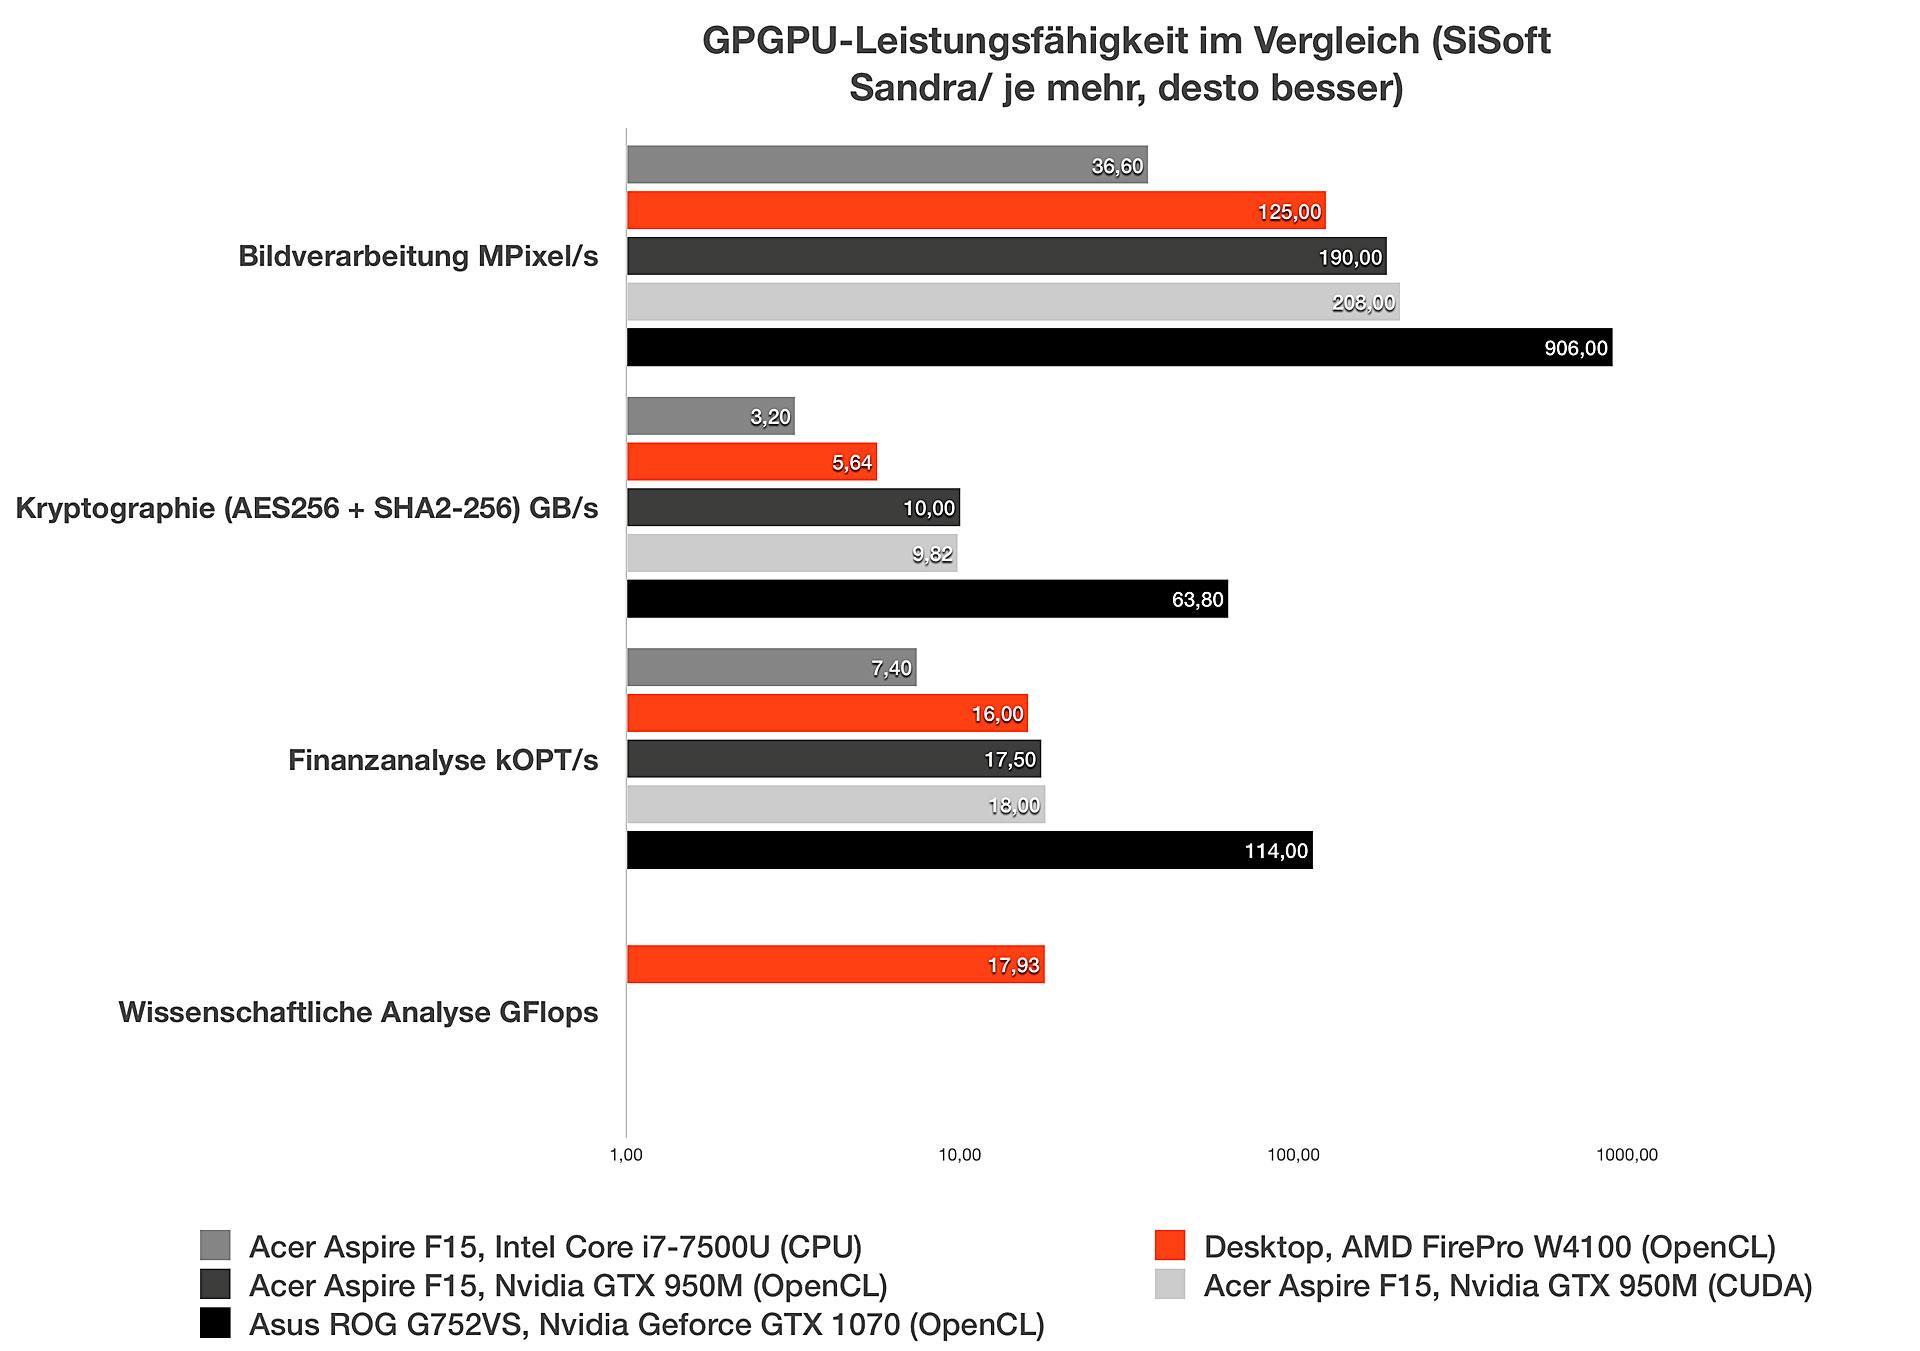 AMD FirePro W4100: GPGPU